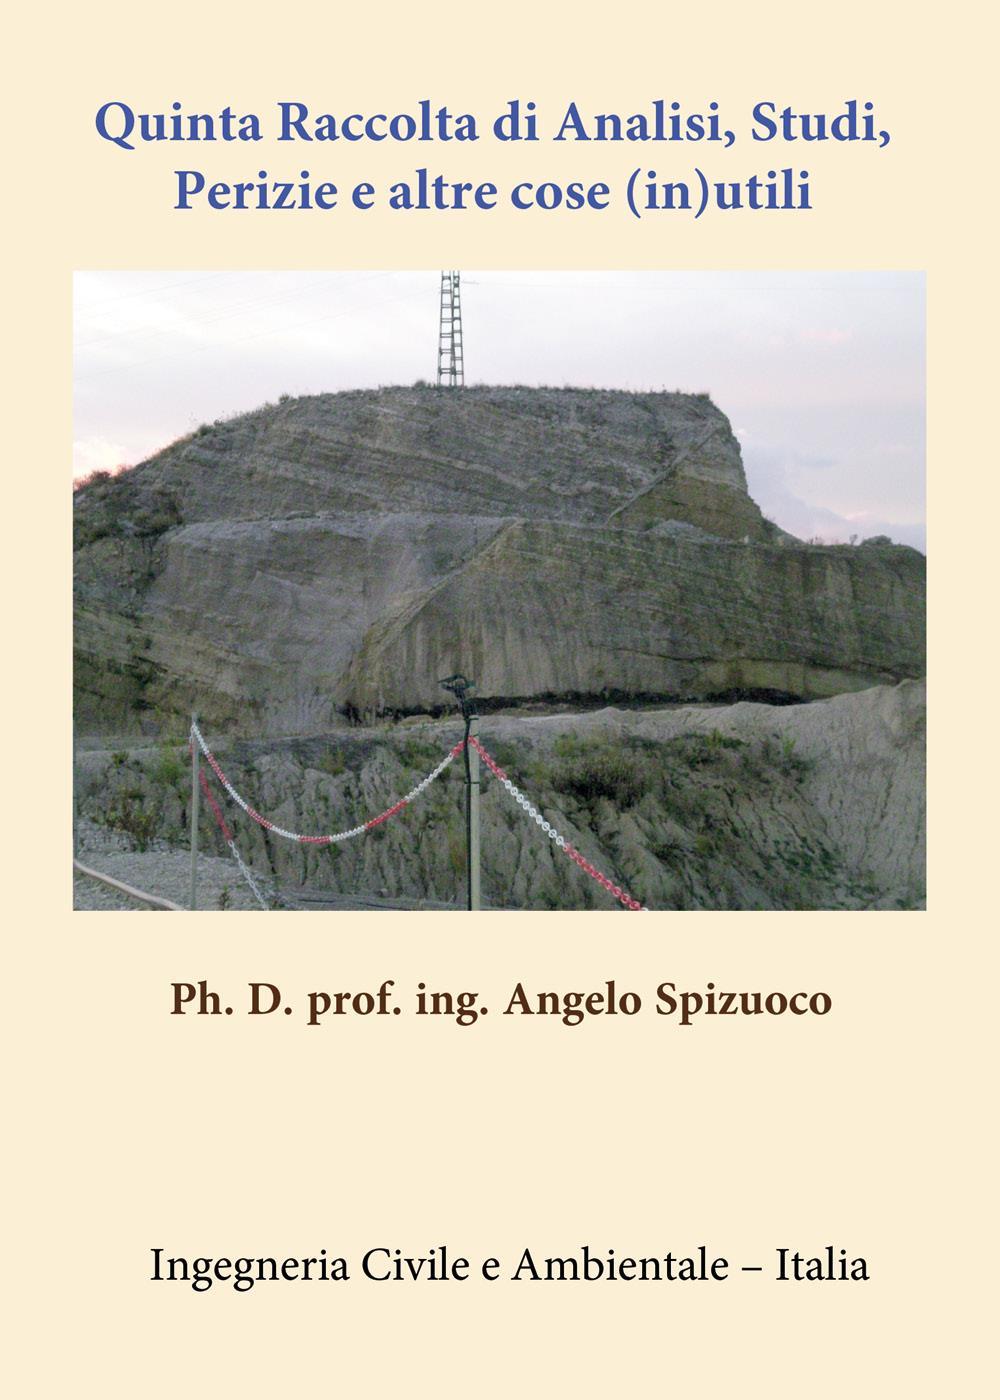 Quinta Raccolta di Analisi Studi, Perizie e altre cose (in)utili